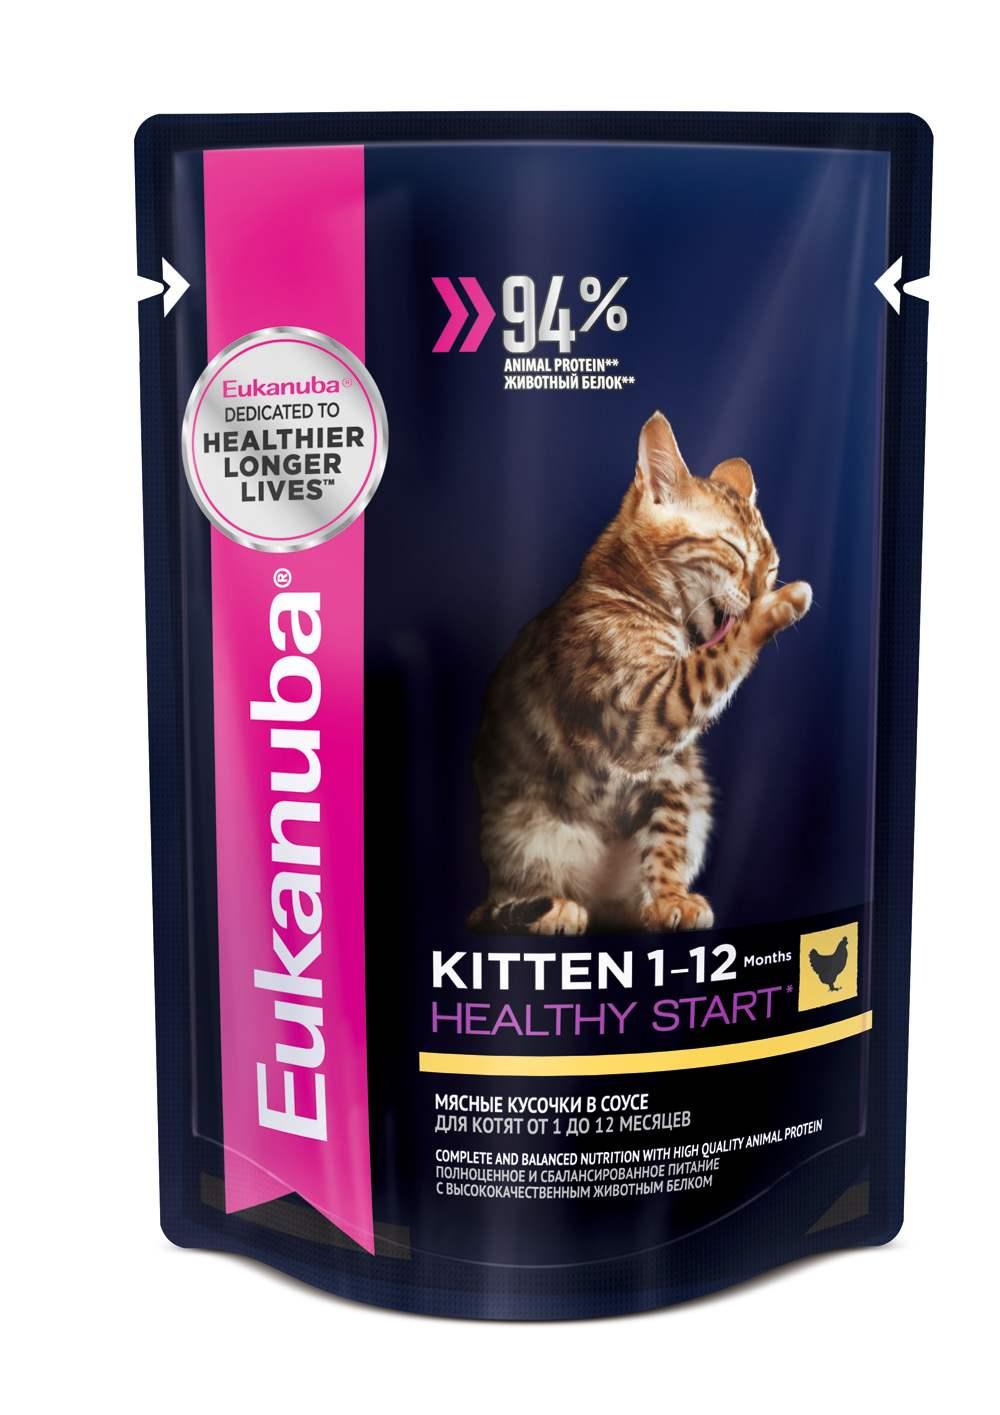 Корм консервированный для котят Eukanuba EUK Cat. Паучи, с курицей, в соусе, 85 г10150839Полноценное и сбалансированное питание для котят в возрасте от 1 до 12 месяцев с высококачественным животным белком для здорового роста и развития. 1. ЗДОРОВЫЙ РОСТ Источник белка животного происхождения для здорового роста и развития. 2. ПОДЕРЖАНИЕ ИММУНИТЕТА Способствует поддержанию иммунной системы за счет антиоксидантов. 3. КОНТРОЛИРУЕМЫЙ pH МОЧИ Помогает контролировать pH мочи в пределах рекомендуемой нормы. 4. КОЖА И ШЕРСТЬ Поддерживает здоровье кожи и шерсти при помощи оптимального соотношения ?-6 и ?-3 жирных кислот, эффективность которых доказана клинически. 5. КРЕПКИЕ МЫШЦЫ Белки животного происхождения способствуют росту и сохранению мышечной массы. 6. ОПТИМАЛЬНОЕ ПИЩЕВАРЕНИЕ Способствует поддержанию здоровой кишечной микрофлоры за счет пребиотиков и клетчатки.Белки 7,6 г, Жиры 3,6 г, Зола (минералы) 2,3 г, Клетчатка 0,1 г, Влага 82 г, Омега-6 жирные кислоты, не менее 1 г, Омега-3 жирные кислоты, не менее 0,1 г,...